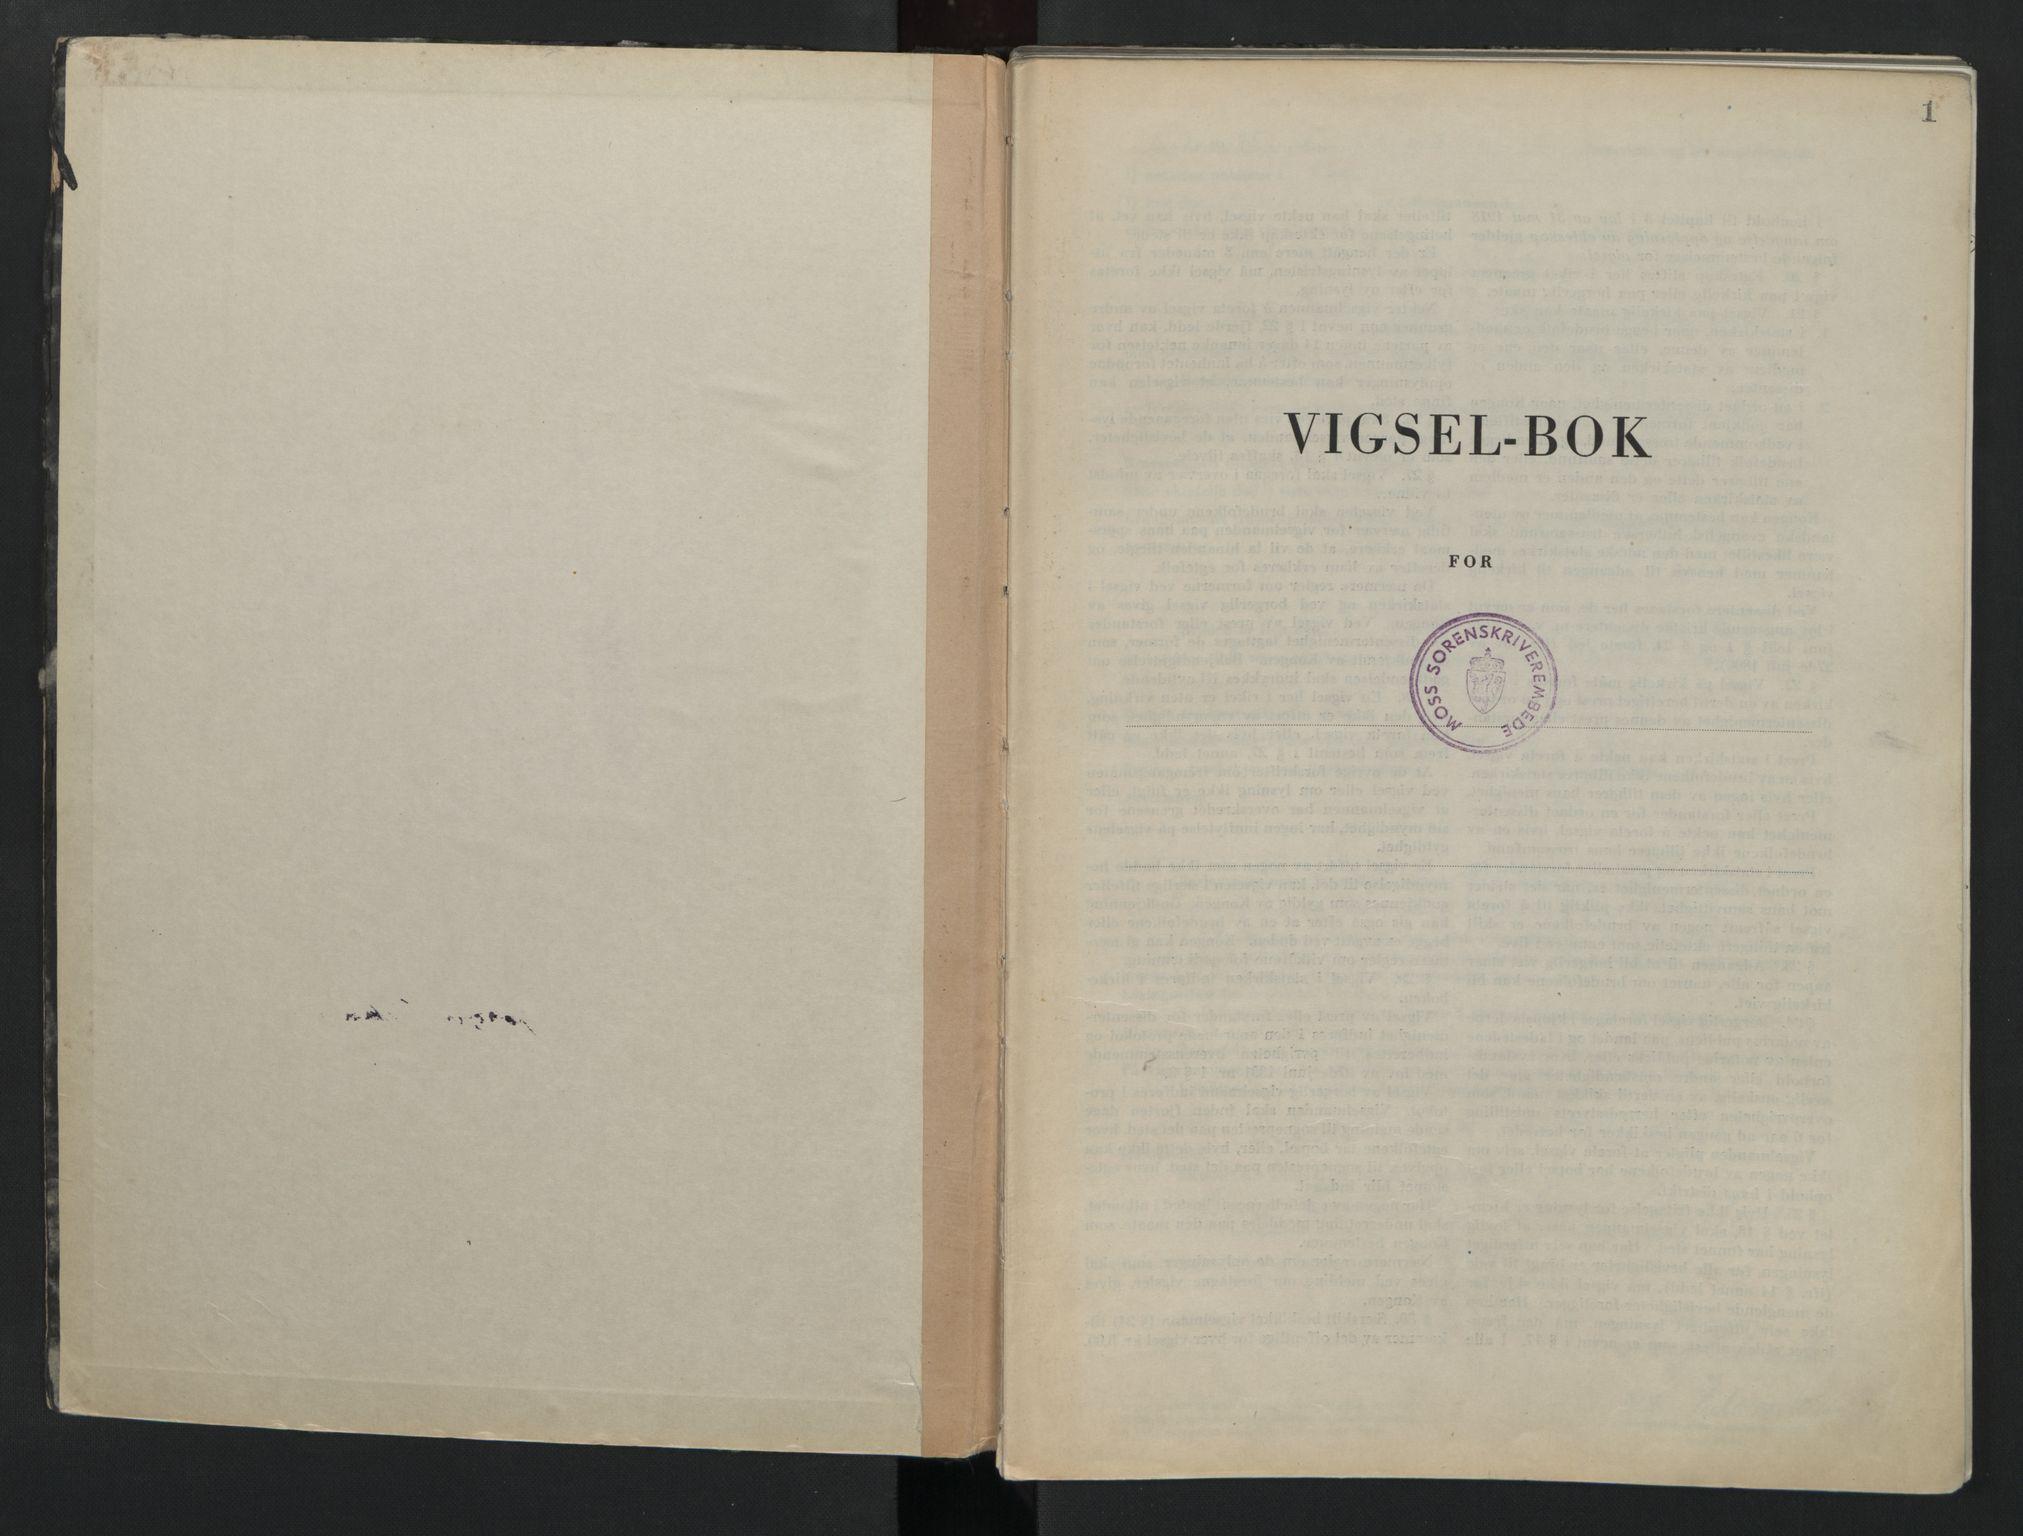 SAO, Moss sorenskriveri, 1945-1948, s. 1